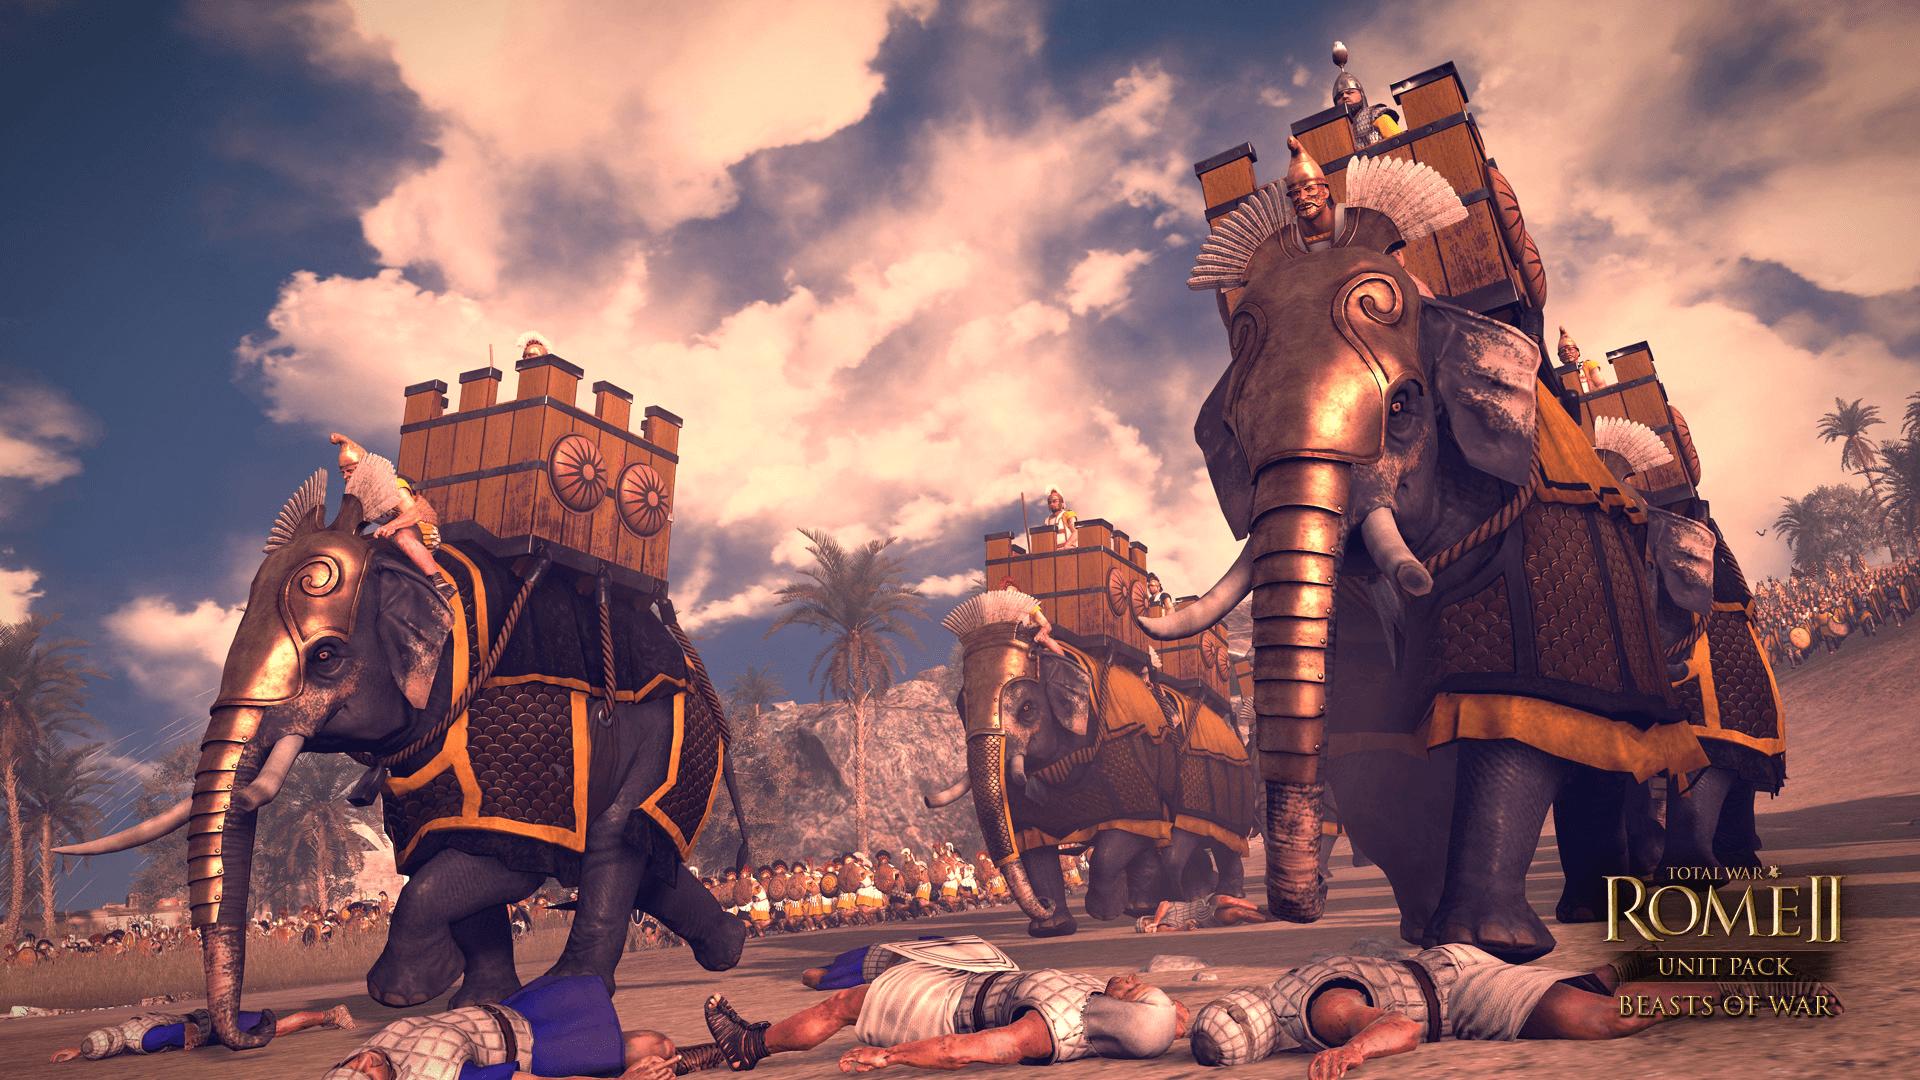 Batalla de Rafia 217 AC. Juego Total War Rome II